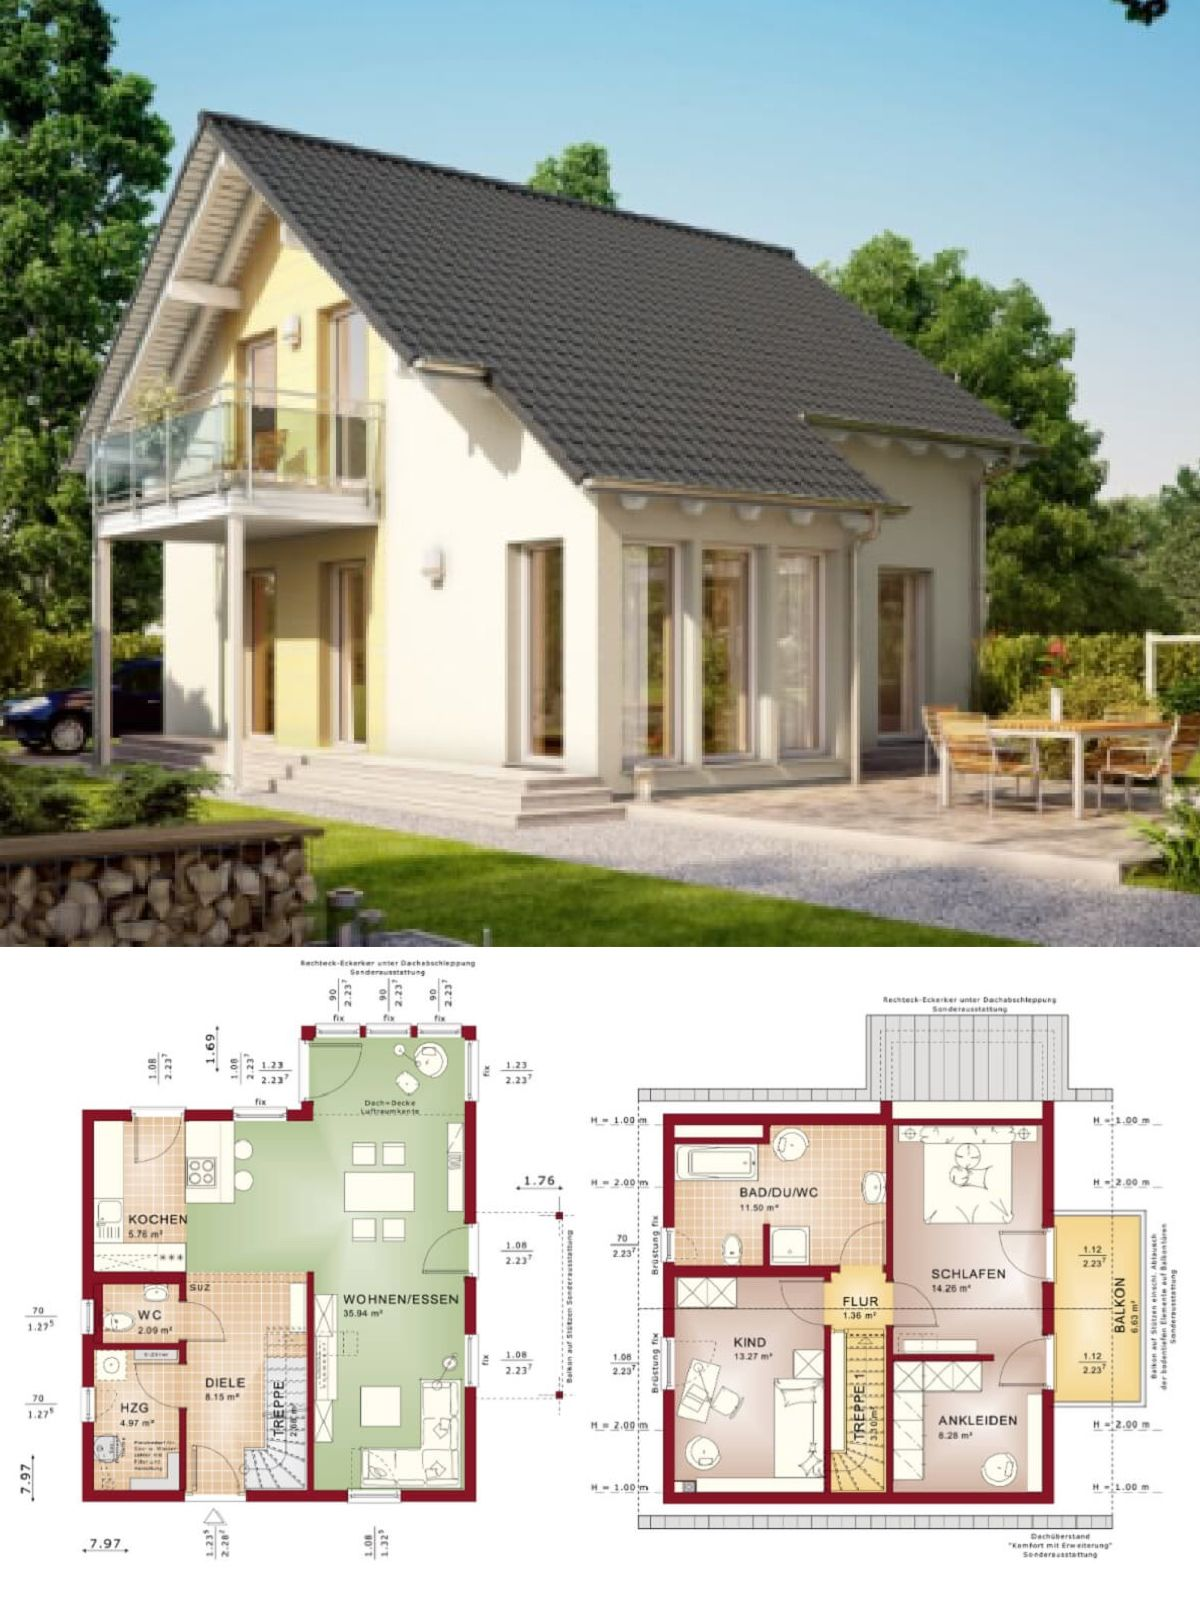 Satteldach Haus Mit Erker Anbau Fertighaus Grundriss Solution 106